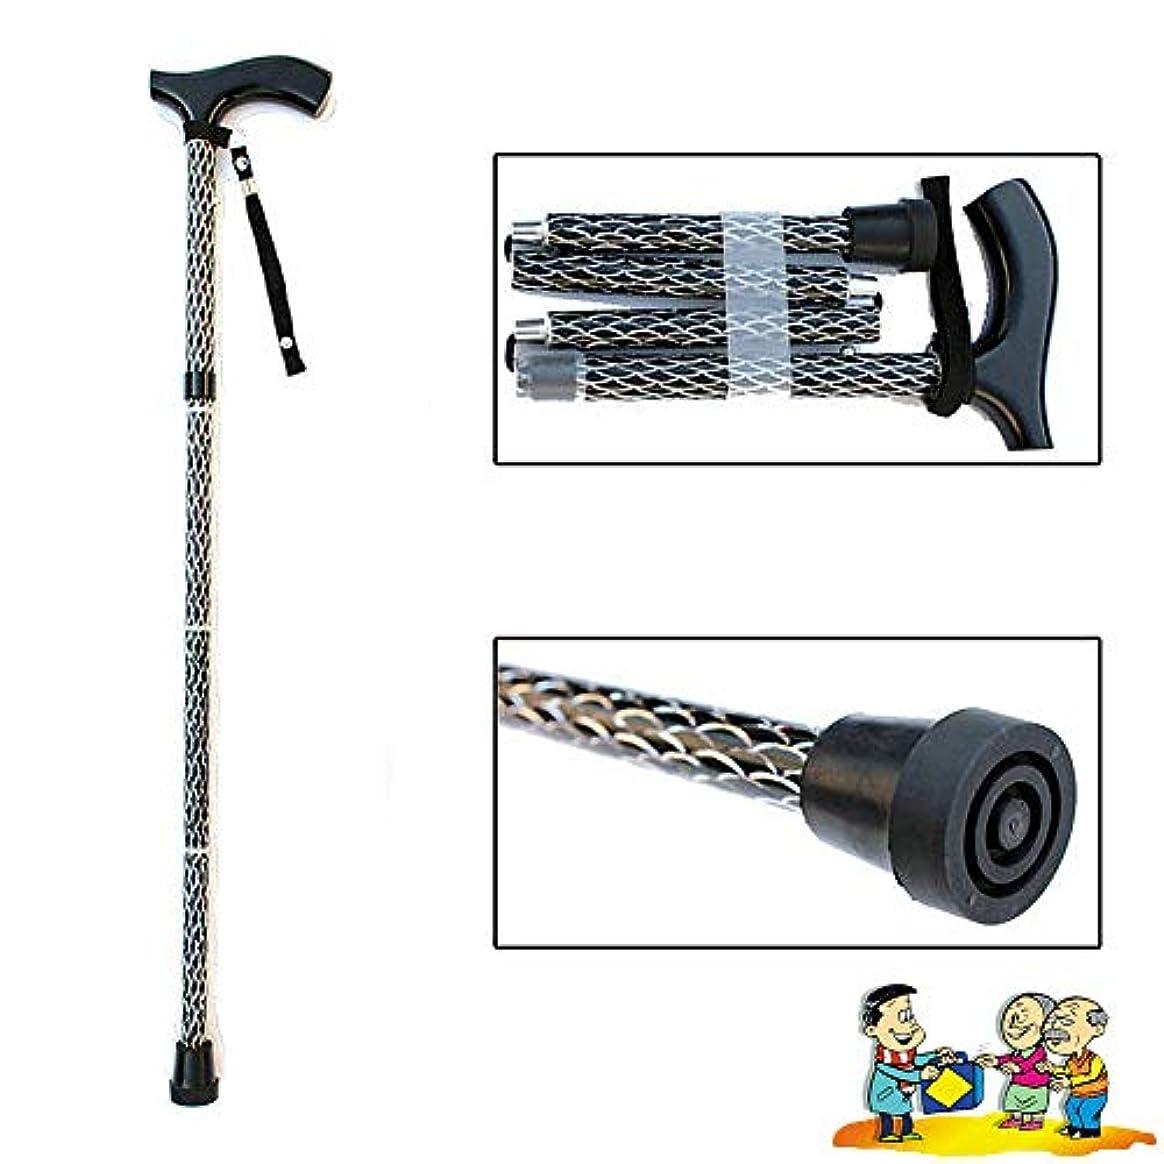 軽減大統領プラスアルミニウム合金の老人杖、折りたたみ杖、樹脂ハンドル老人杖、5ファイルの高さ調節可能(F38)